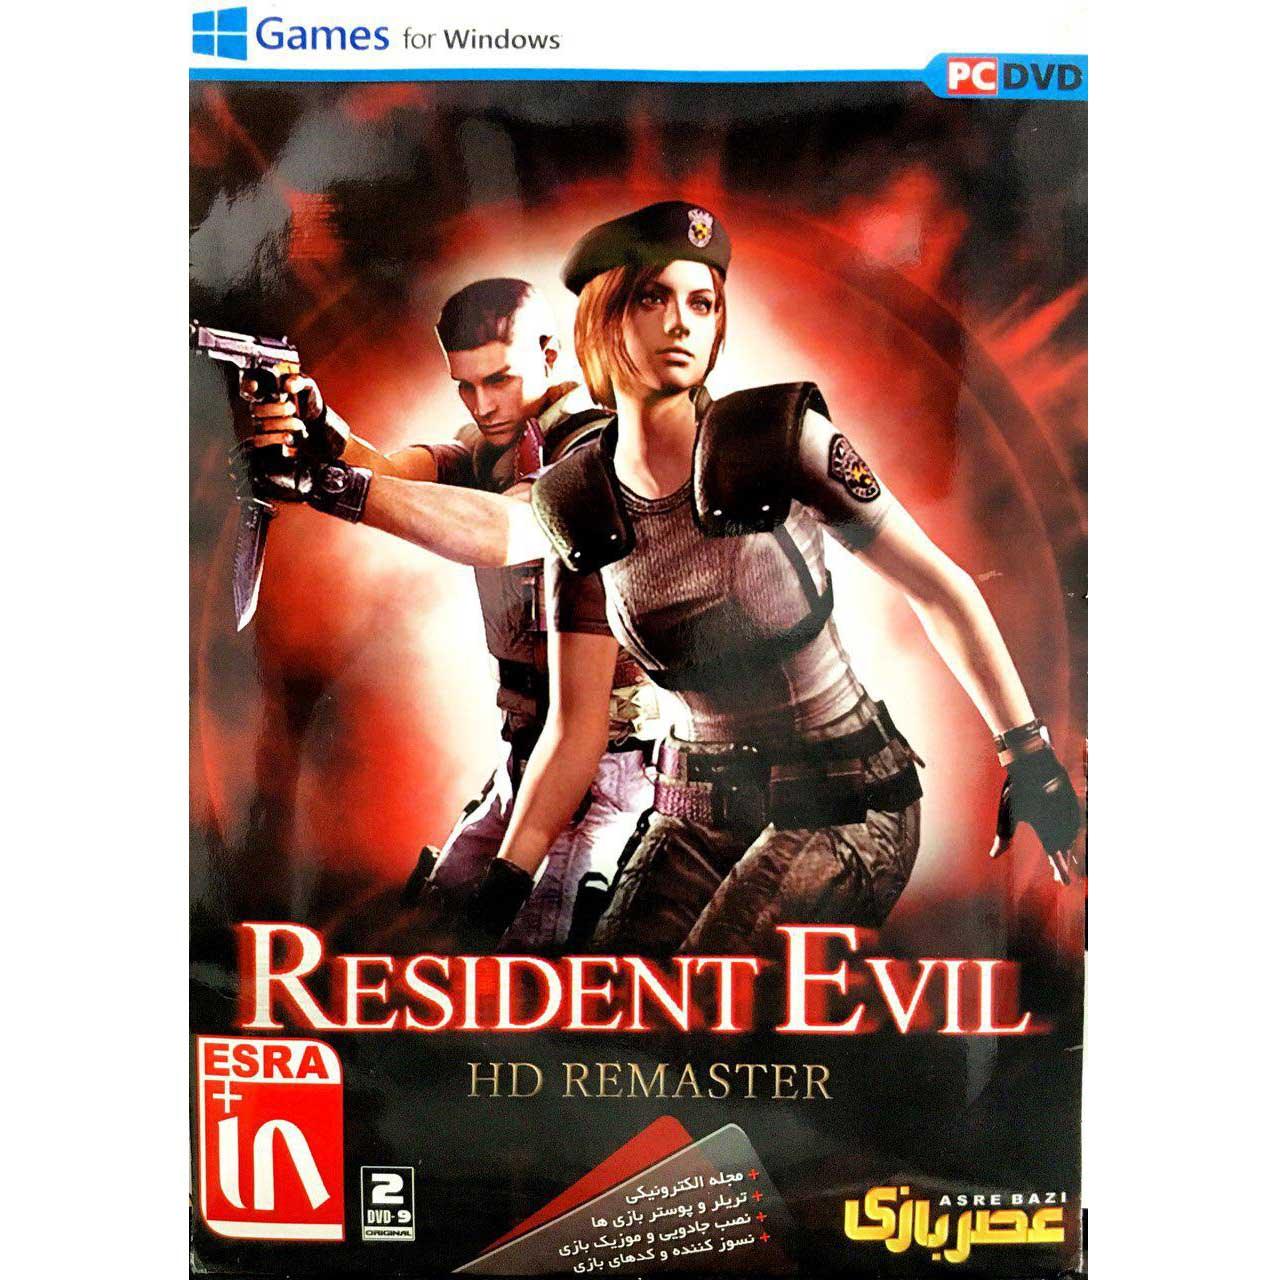 بازی Resident Evil HD remaster مخصوص کامپیوتر